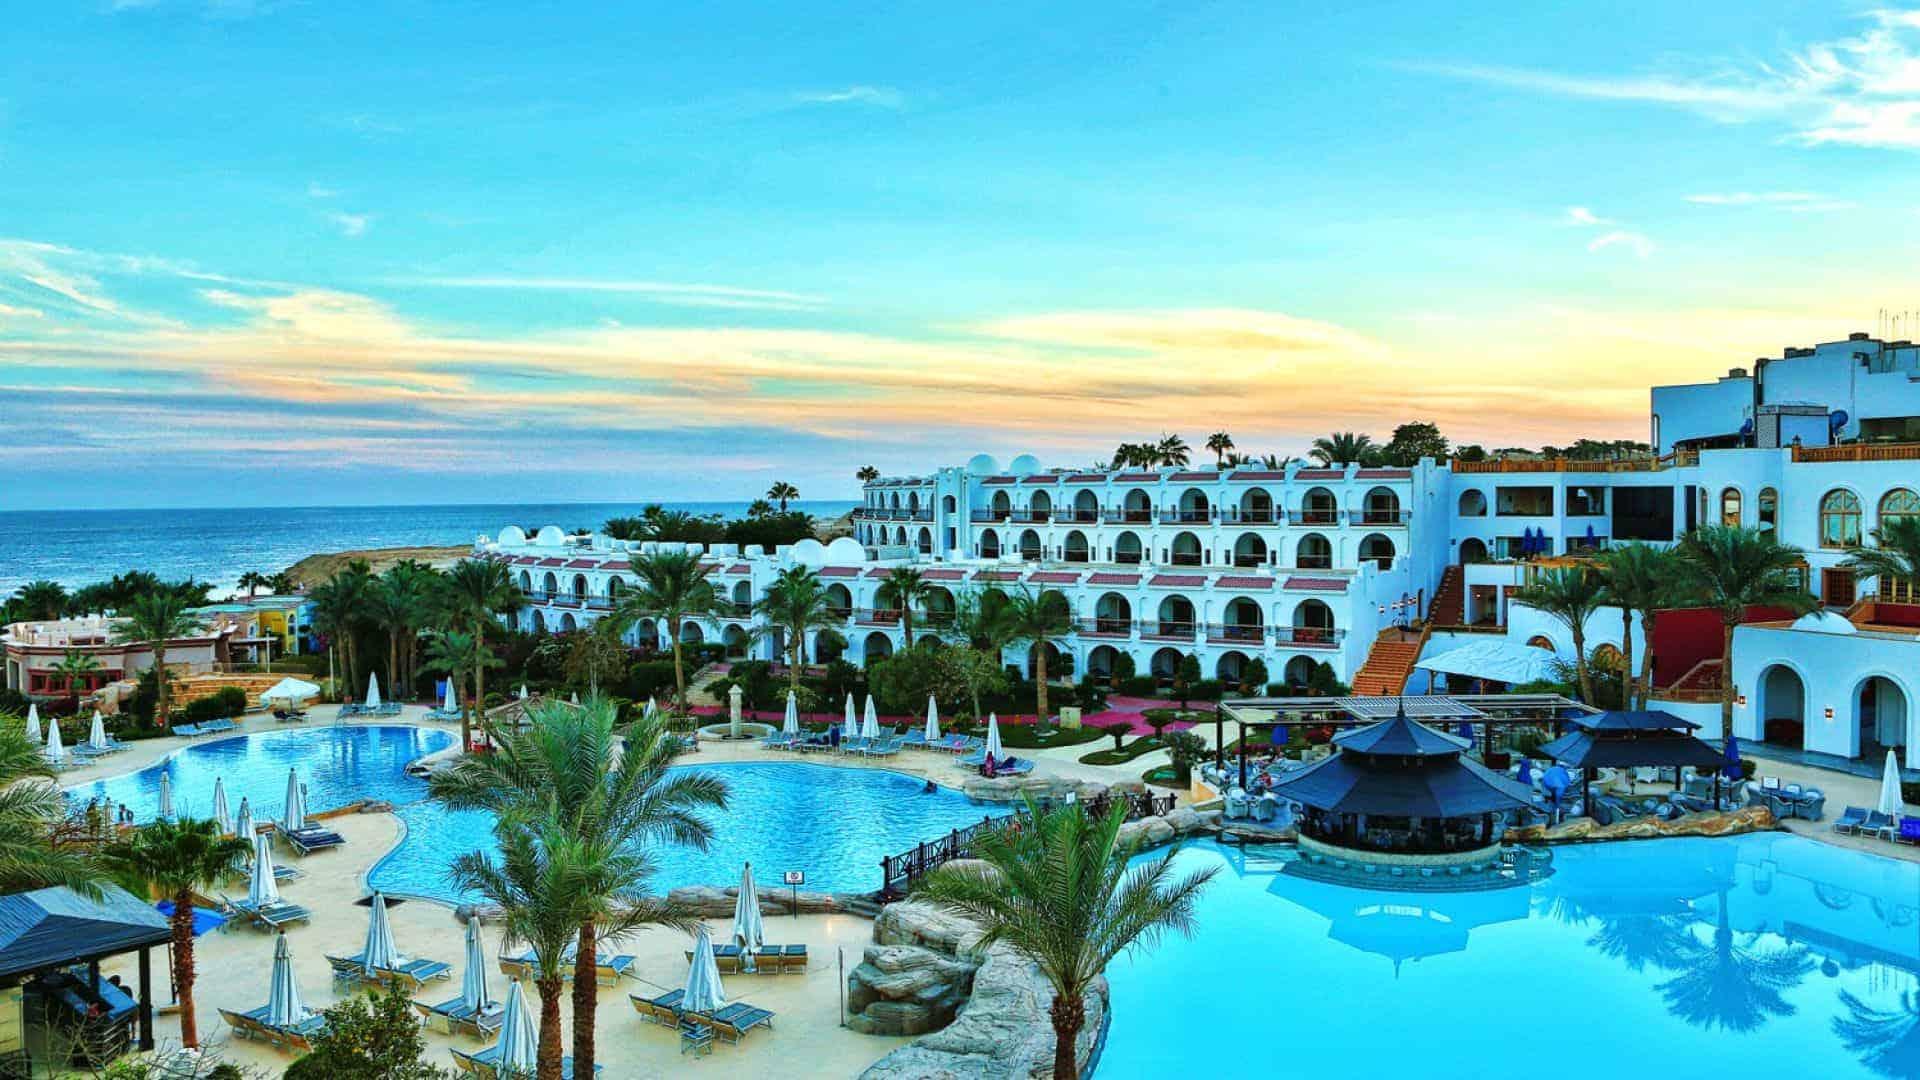 فندق عائلي شرم الشيخ عطلات